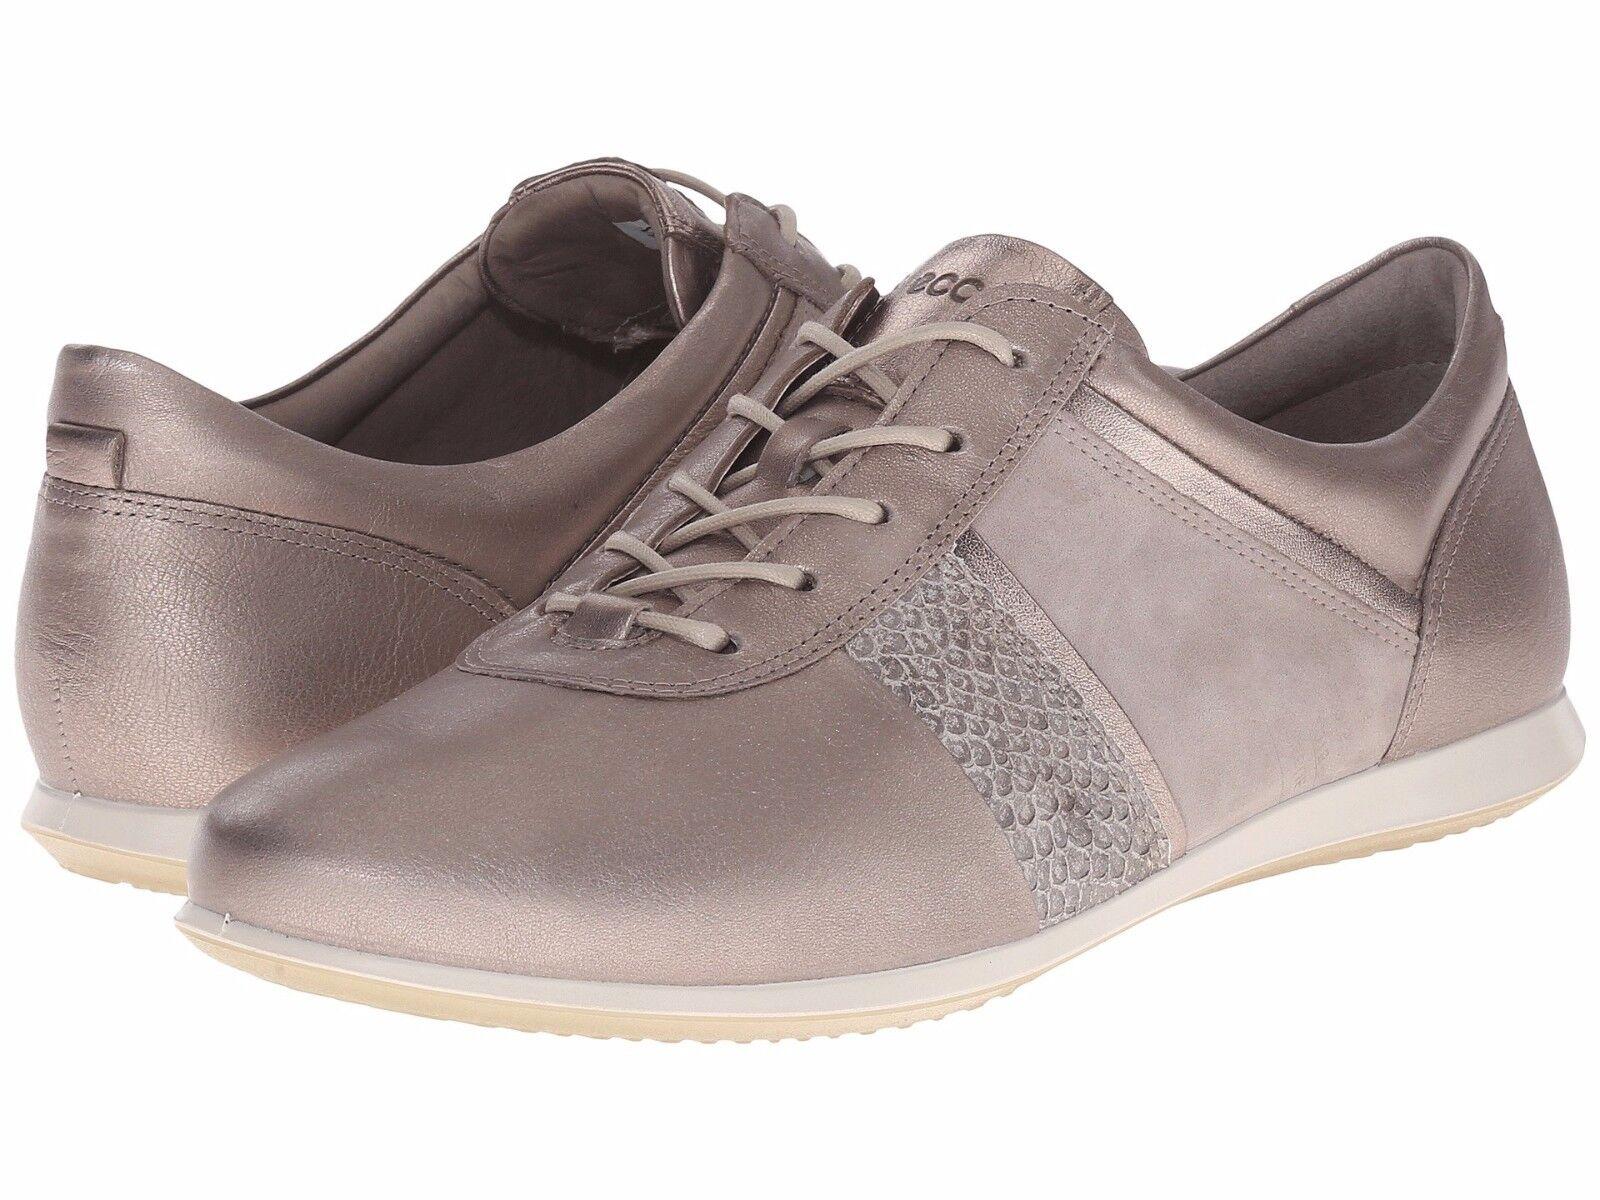 Nuove  donne ECCO Touch scarpe da ginnastica Lace 2650035294  risparmiare sulla liquidazione